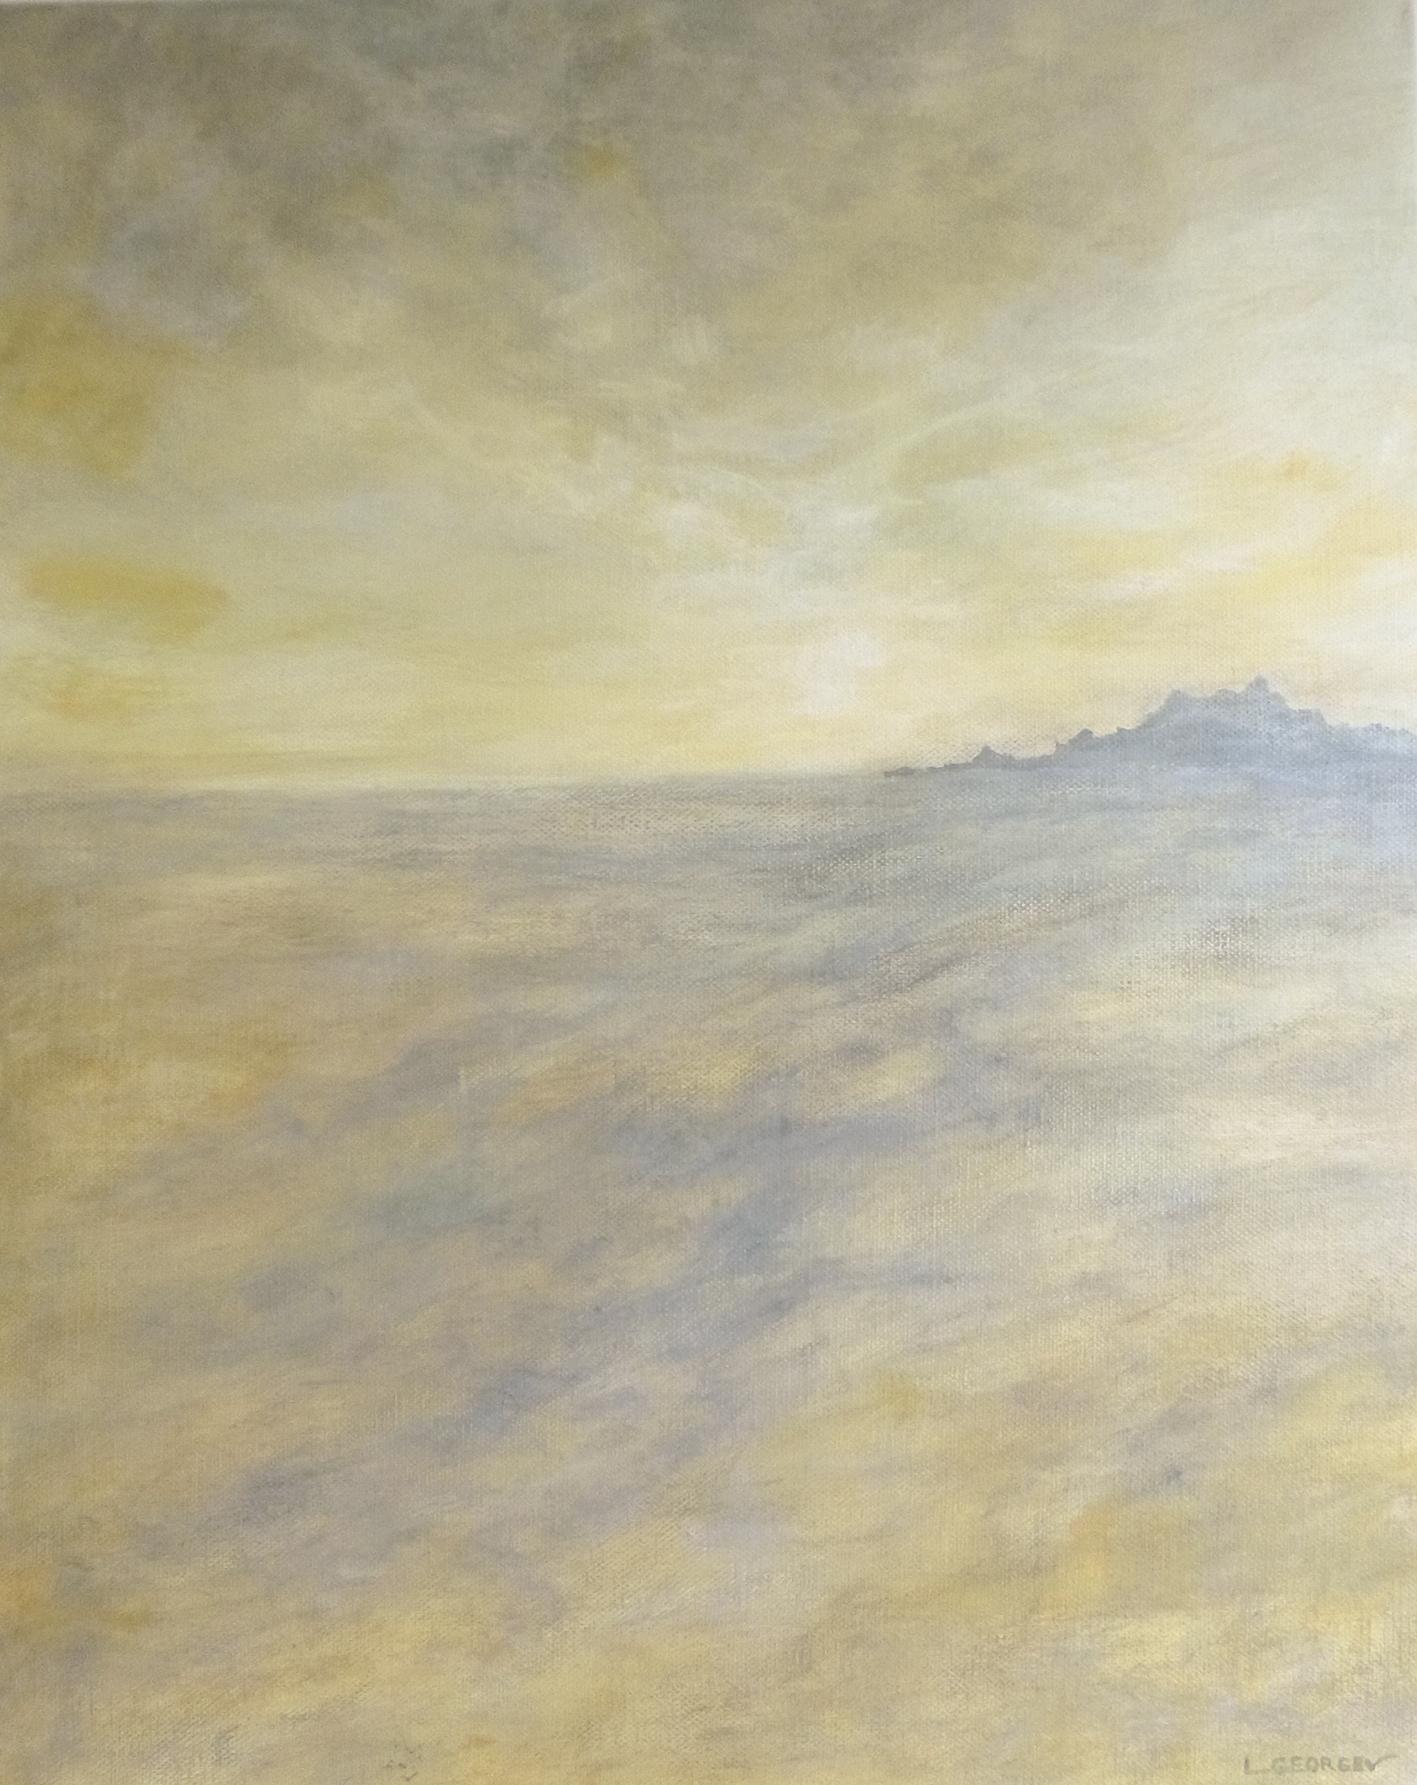 LOINTAIN, acrylique sur toile, 50x40 cm